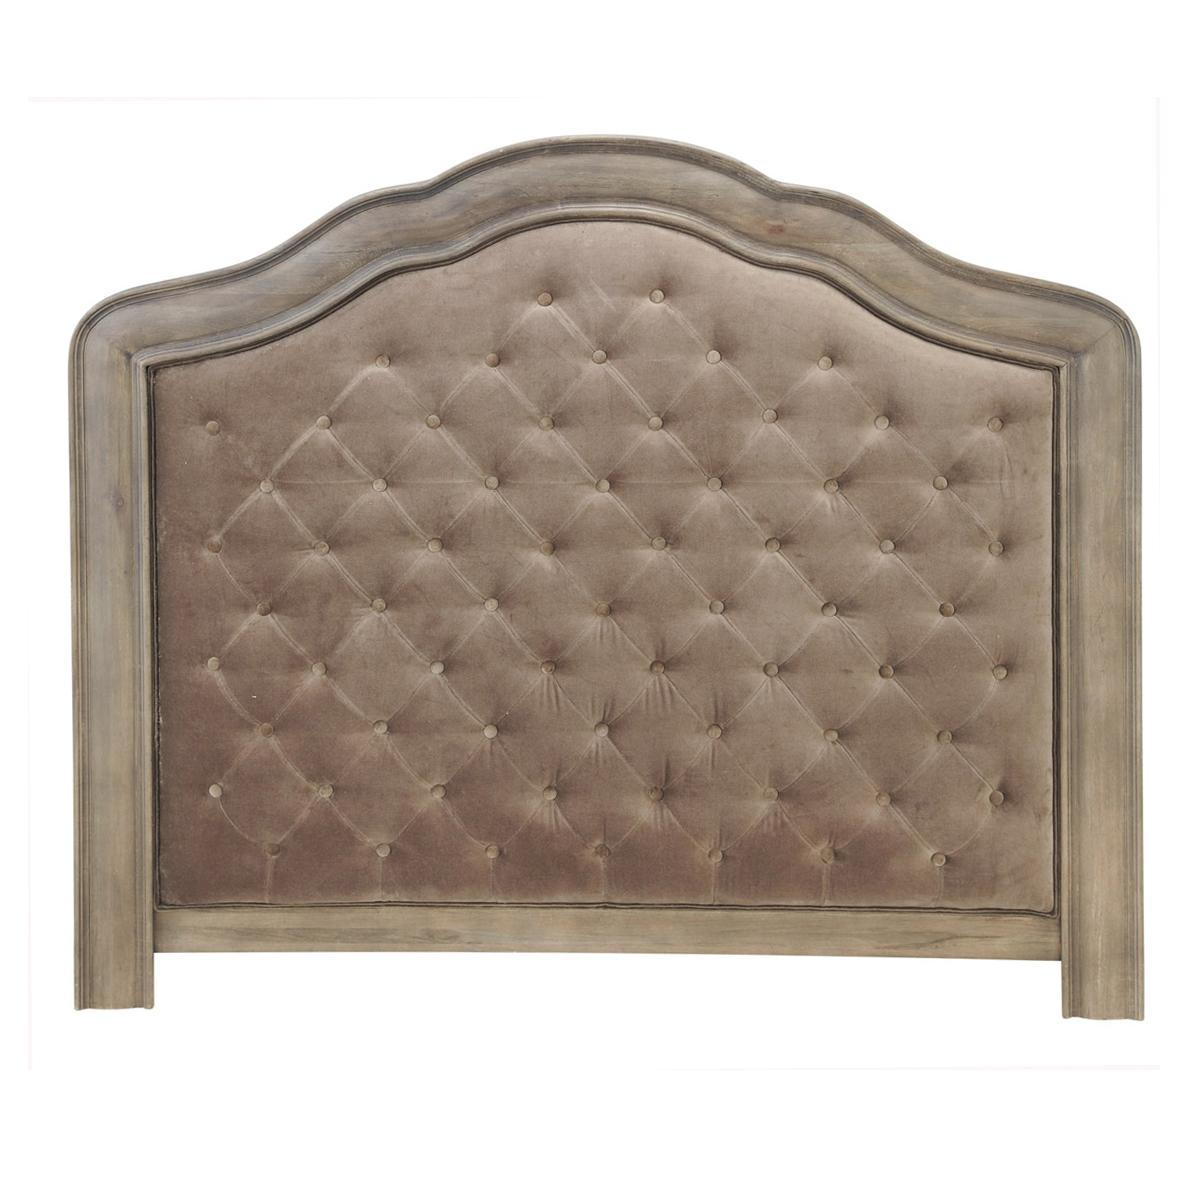 Foto cabecero de cama acolchado de 160 de terciopelo topo - Cabeceros de cama acolchados ...